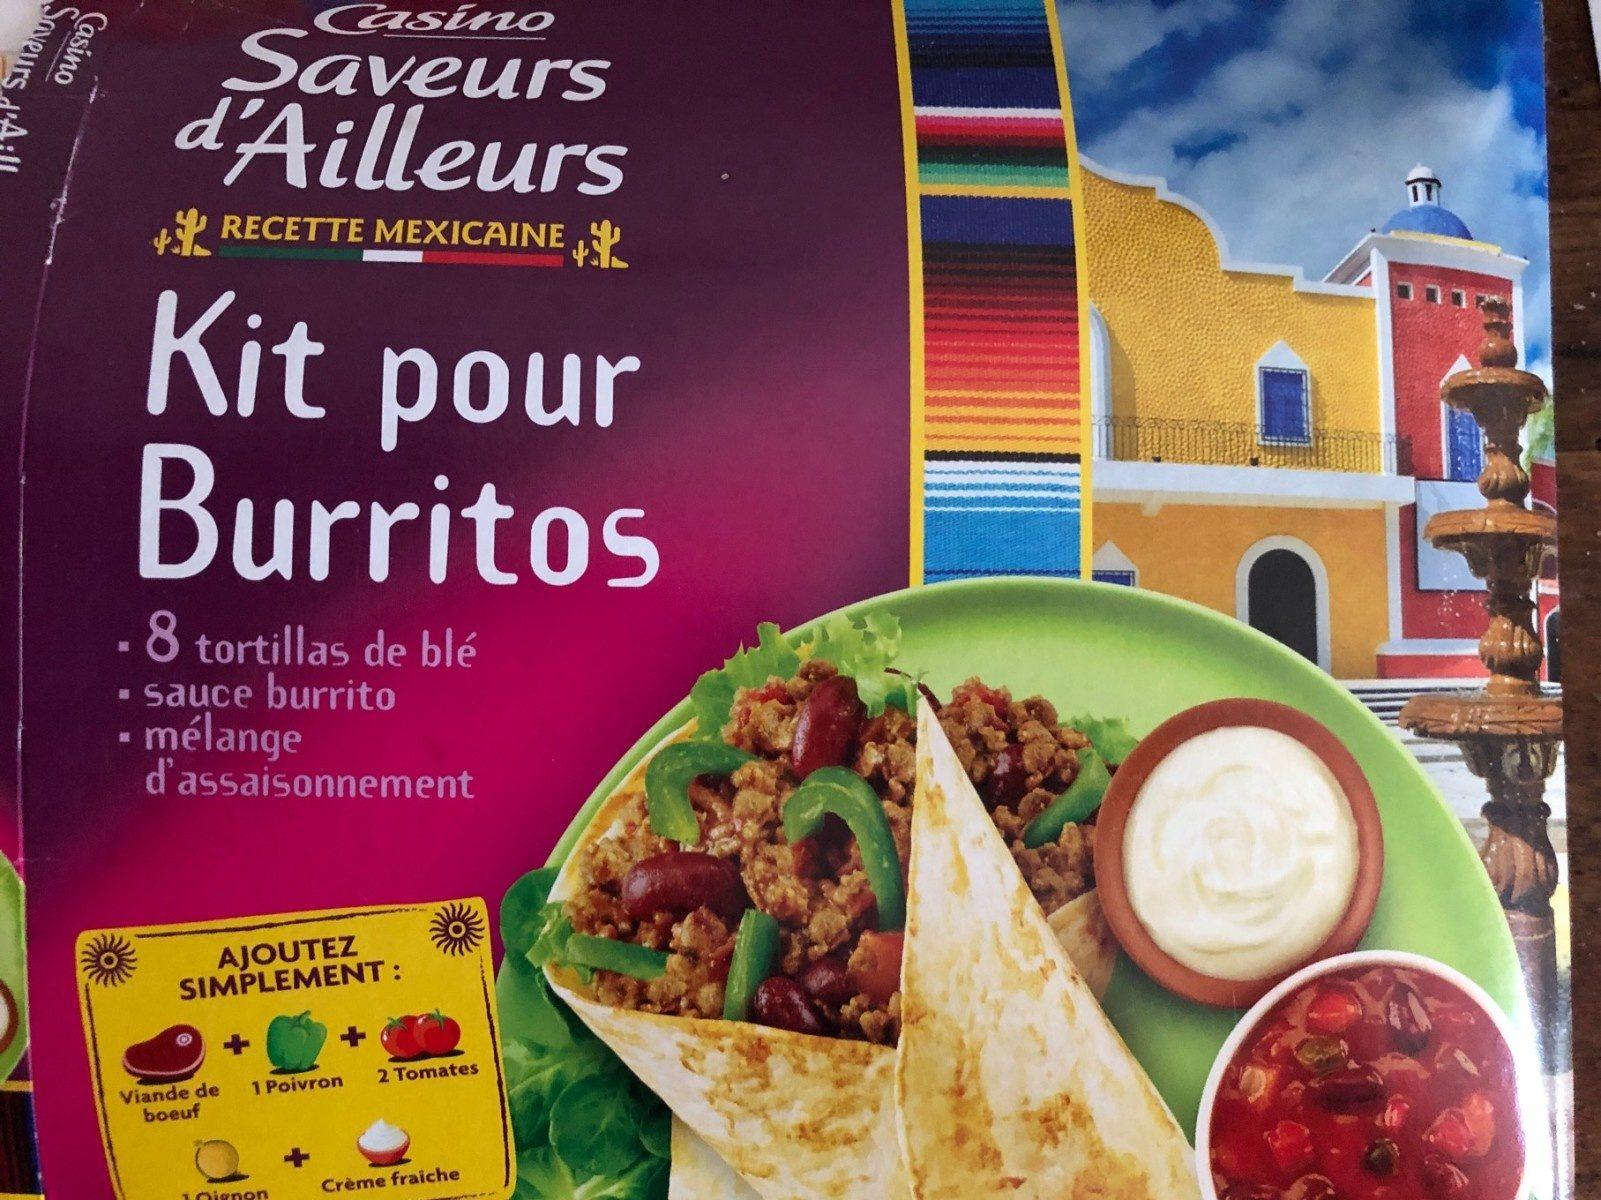 Kit pour Burritos - Product - fr